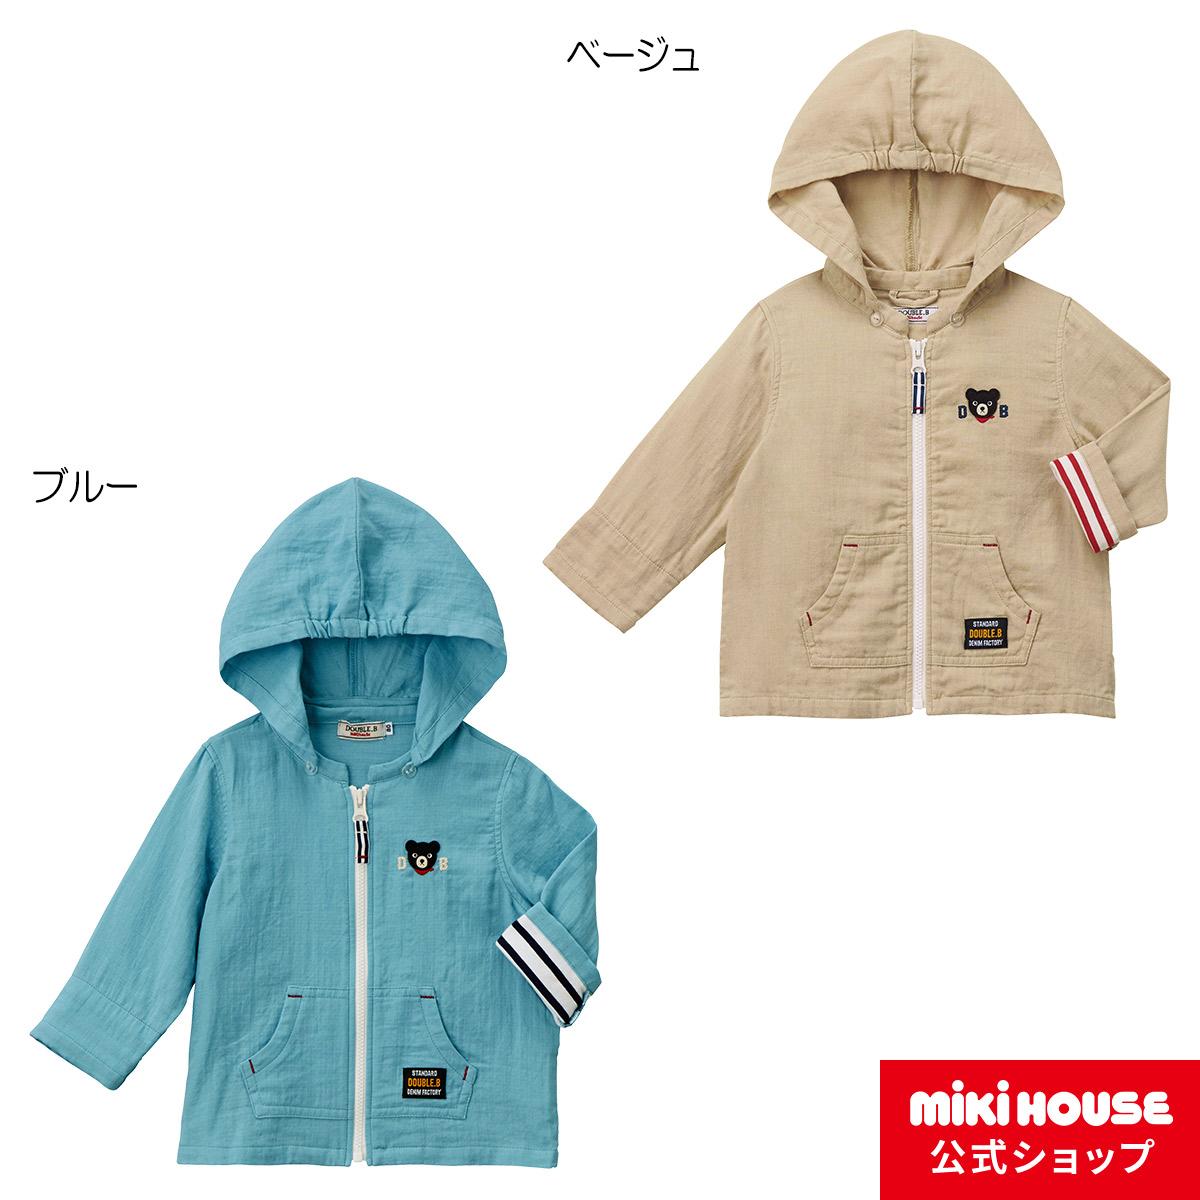 ミキハウス ダブルビー mikihouse ダブルガーゼ素材パーカー(100cm・110cm) キッズ 子供服 こども 子供 女の子 男の子 アウター